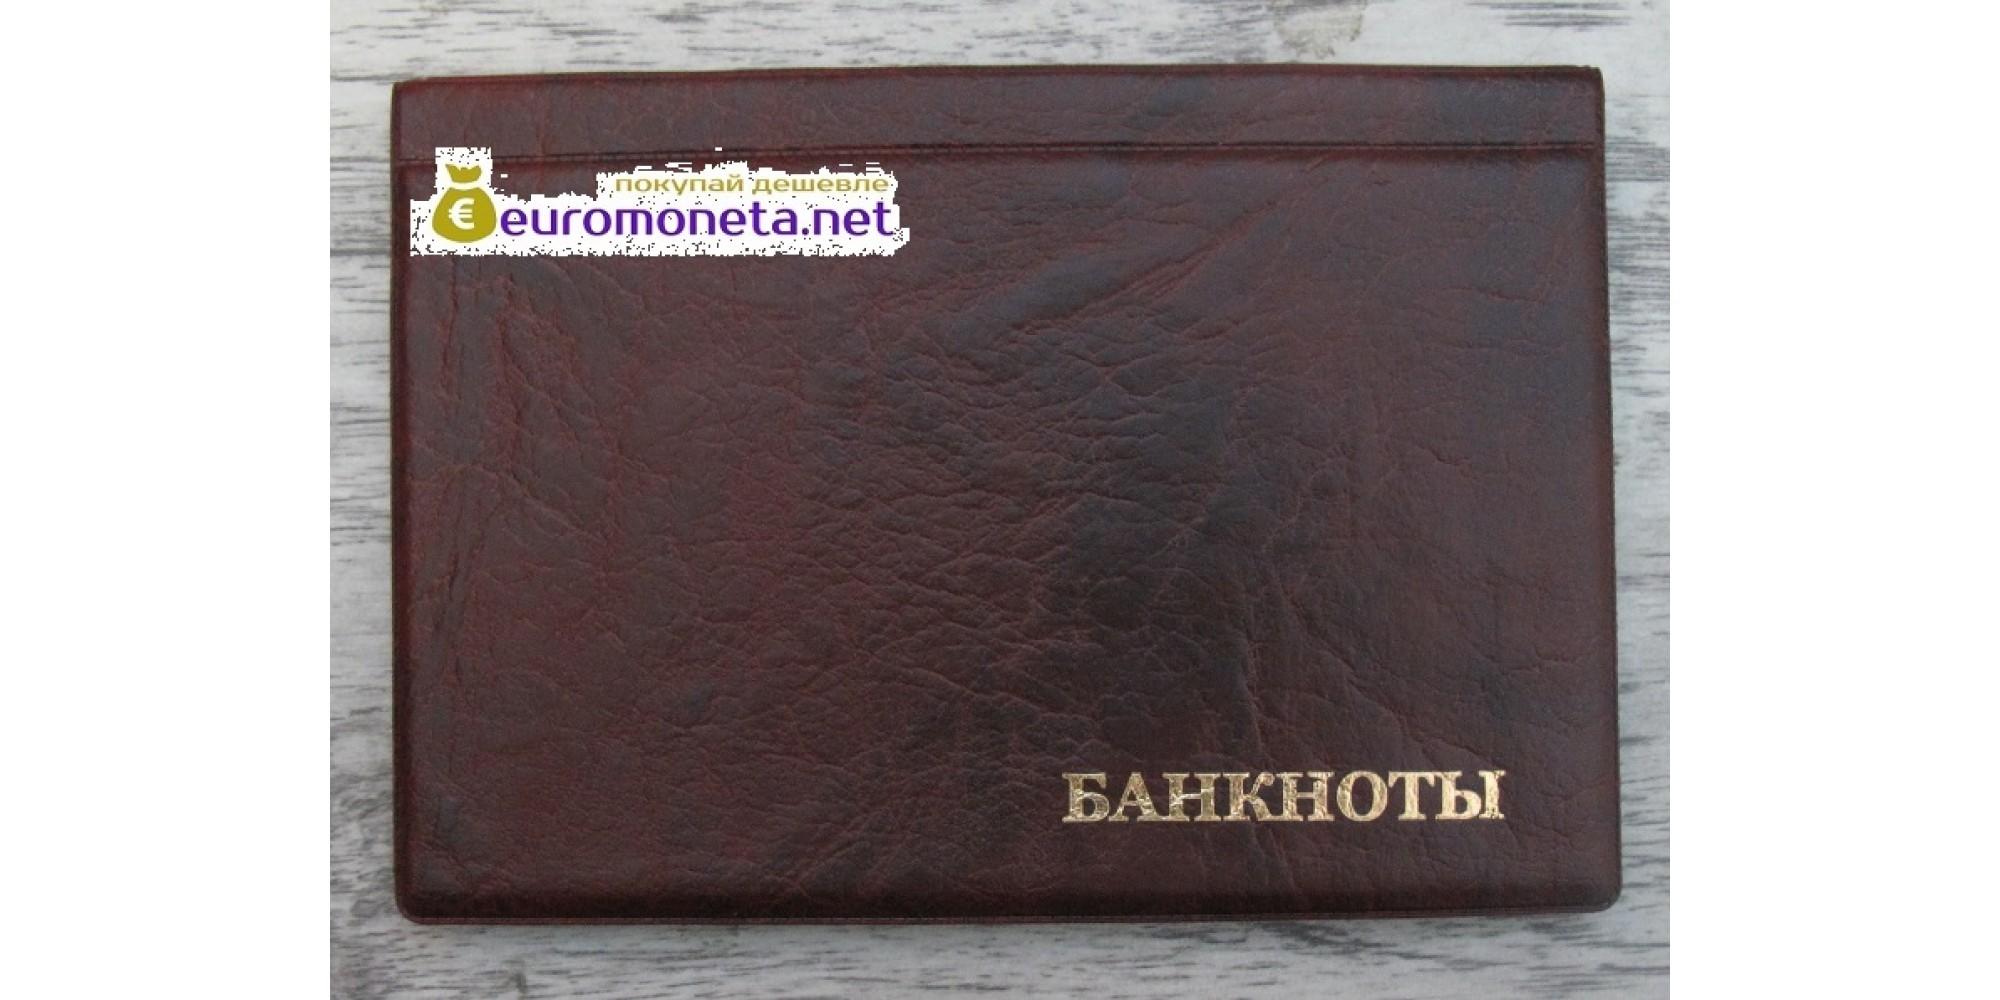 Альбом карманный для бон из кожзама на 16 банкнот, бордовый, пр-во Россия